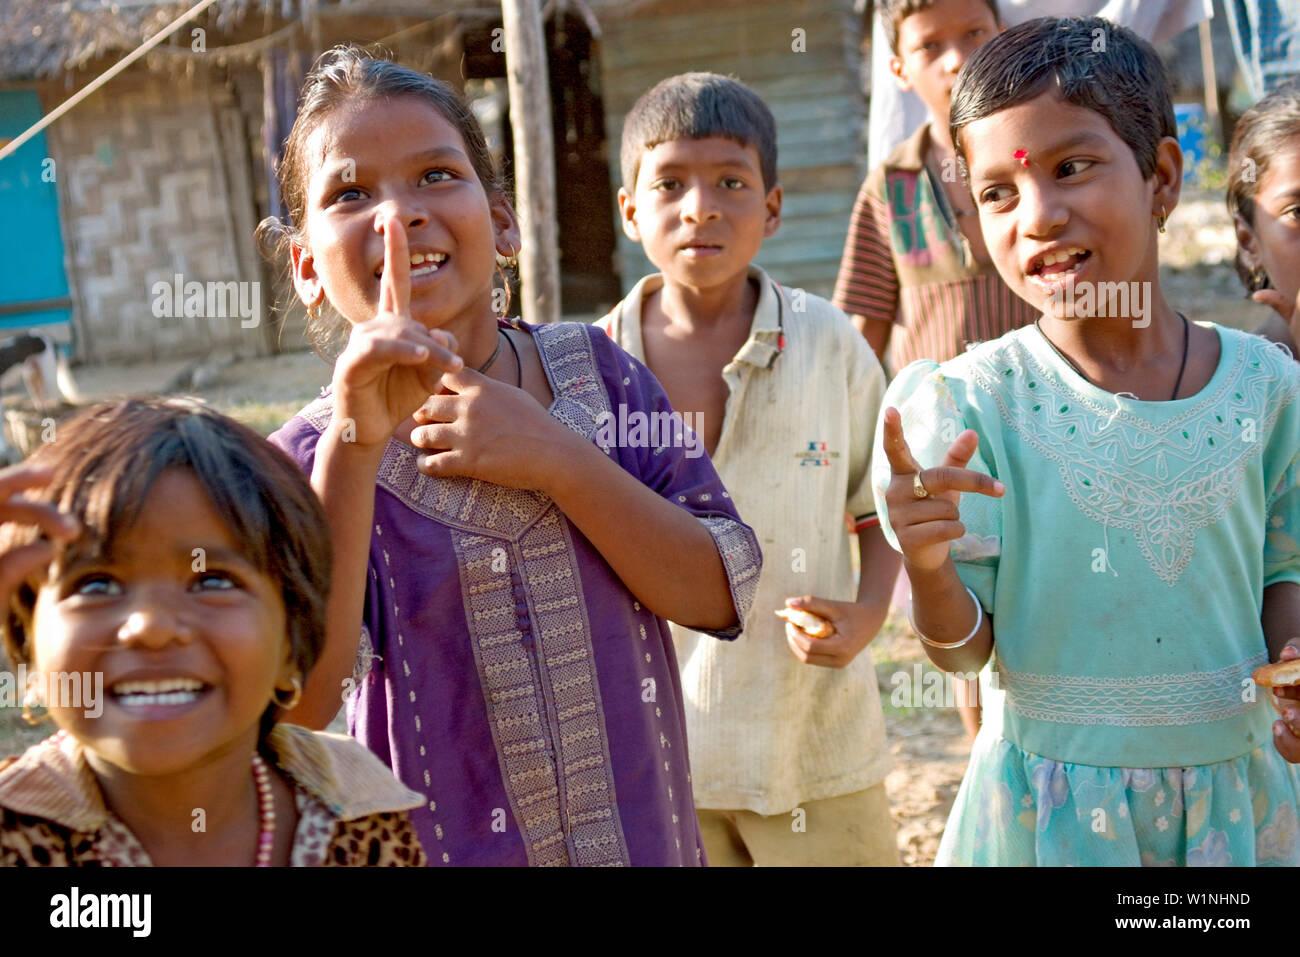 Children in fishing village, Cuthbert Bay, Andaman, Kinder in Fischerdorf, Andamanen, Indien children in fishing village, Andaman Islands, India - Stock Image